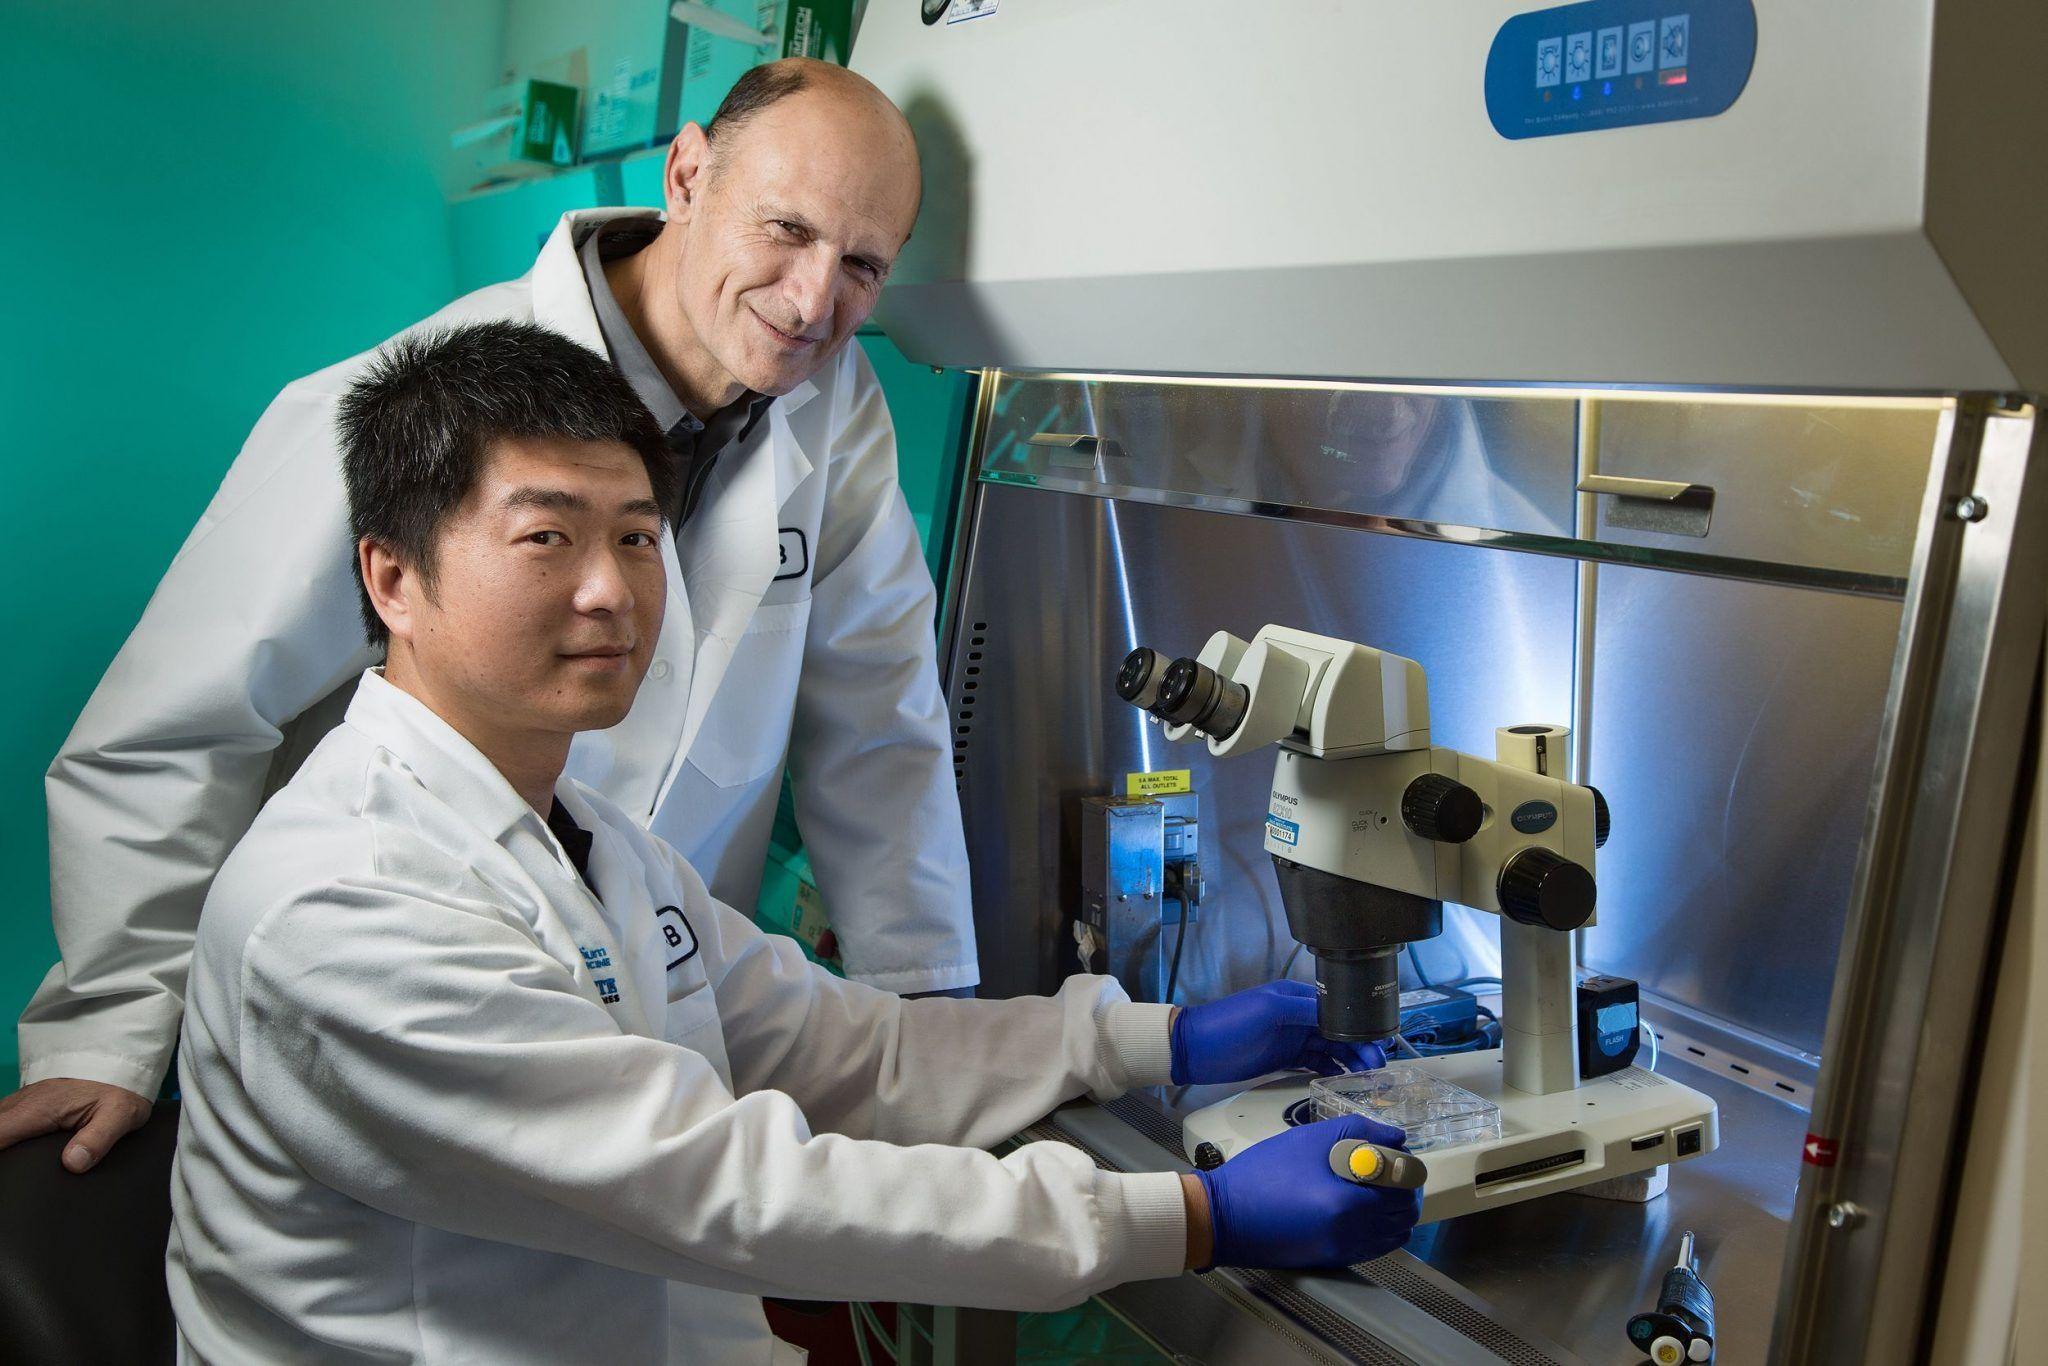 Células madre pluripotenciales inducidas humanas que contribuyen al desarrollo del corazón en un embrión de cerdo. Imagen: Instituto Salk de Estudios Biológicos.